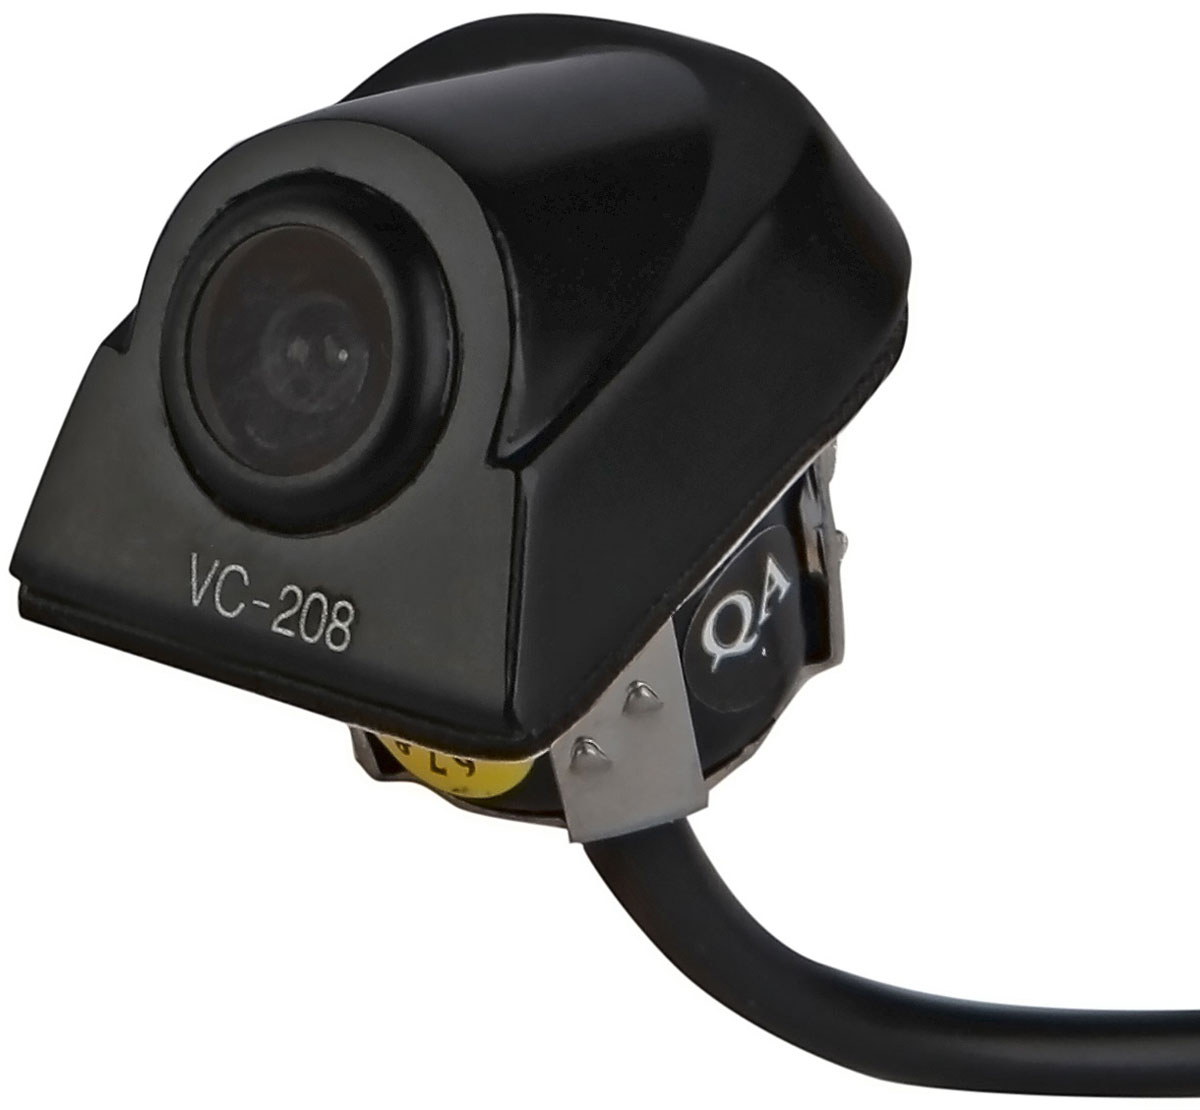 AutoExpert VC 208, Black автомобильная камера заднего вида2012506252089Современный ритм жизни диктует свои правила, и все больше людей обзаводятся автомобилями. Это приводит к тому, что машин в городах становится все больше, а из-за обилия машин многие люди испытывают трудности с парковкой.Камера заднего вида AutoExpert VC 208 позволяет уверенно чувствовать себя водителям, совершающим маневры при движении задним ходом. Это устройство экономит время при парковке, а главное нервы, особенно начинающим автомобилистам. С камерой заднего вида AutoExpert VC 208 не стоит бояться наехать на бордюр или столкнуться с другим автотранспортом.Камера заднего вида AutoExpert VC 208 - идеальное решение для практичных автолюбителей.Количество пикселей: 648 х 488Разрешение: 420 линийУгол обзора: 170 градусовСигнал/шум: > 45 дБВидеовыход: 1 В, 75 ОмРабочая температура: -20 / +70°СУровень защиты: IP66 (полная защита от пыли и воды)Парковочные линии (отключаемые)Изображение с камеры зеркальное (заднего вида)Возможна установка в качестве камеры переднего обзора (отключение зеркального изображения)